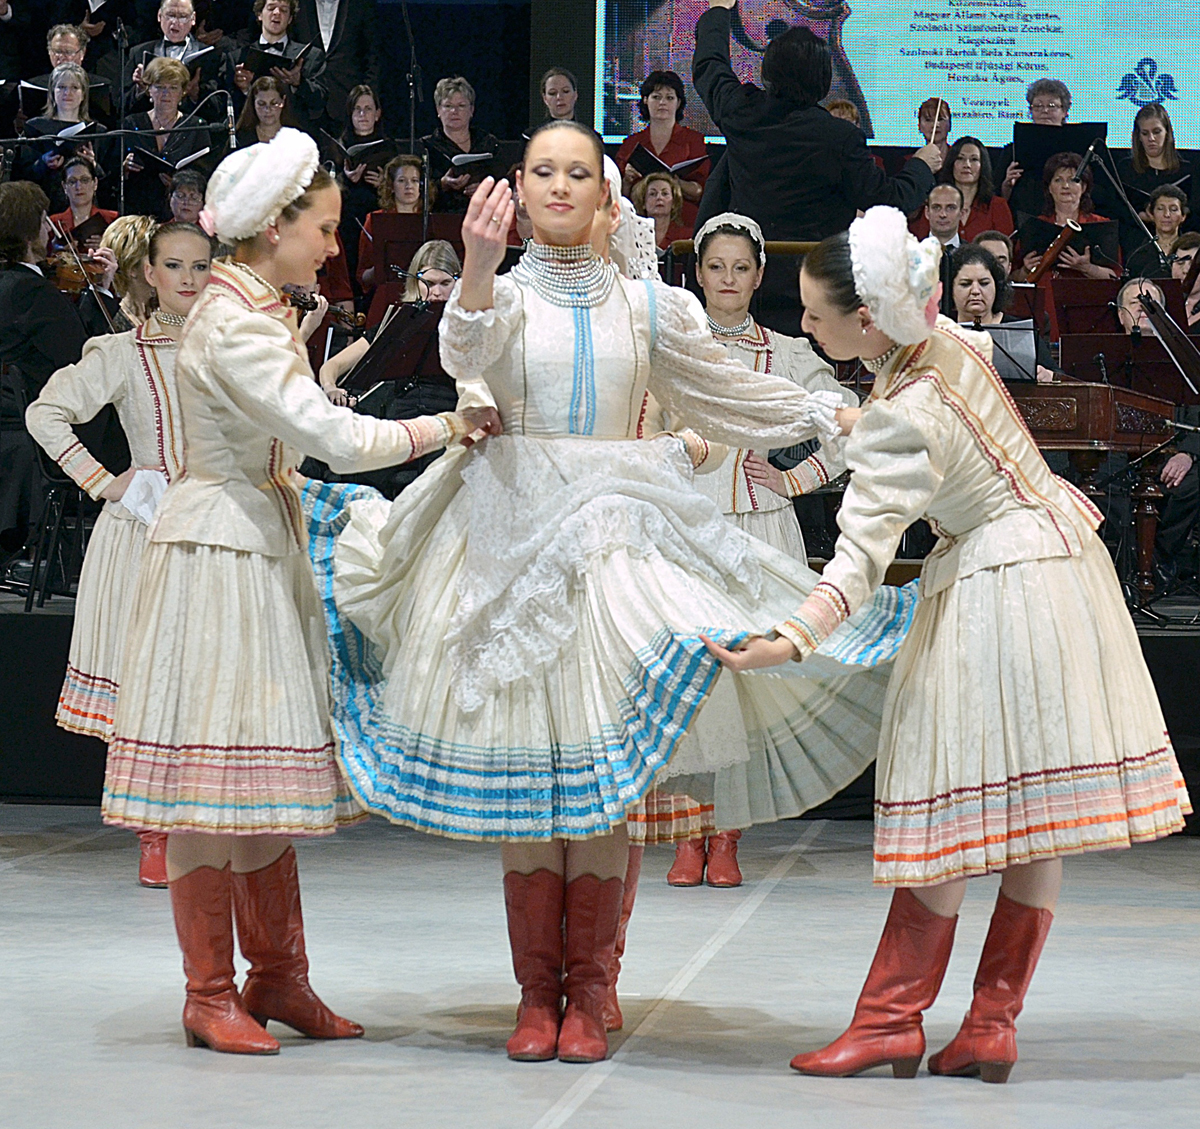 Nyerj az ismerősödnek jegyet a Napszédítők tánckoncertre!